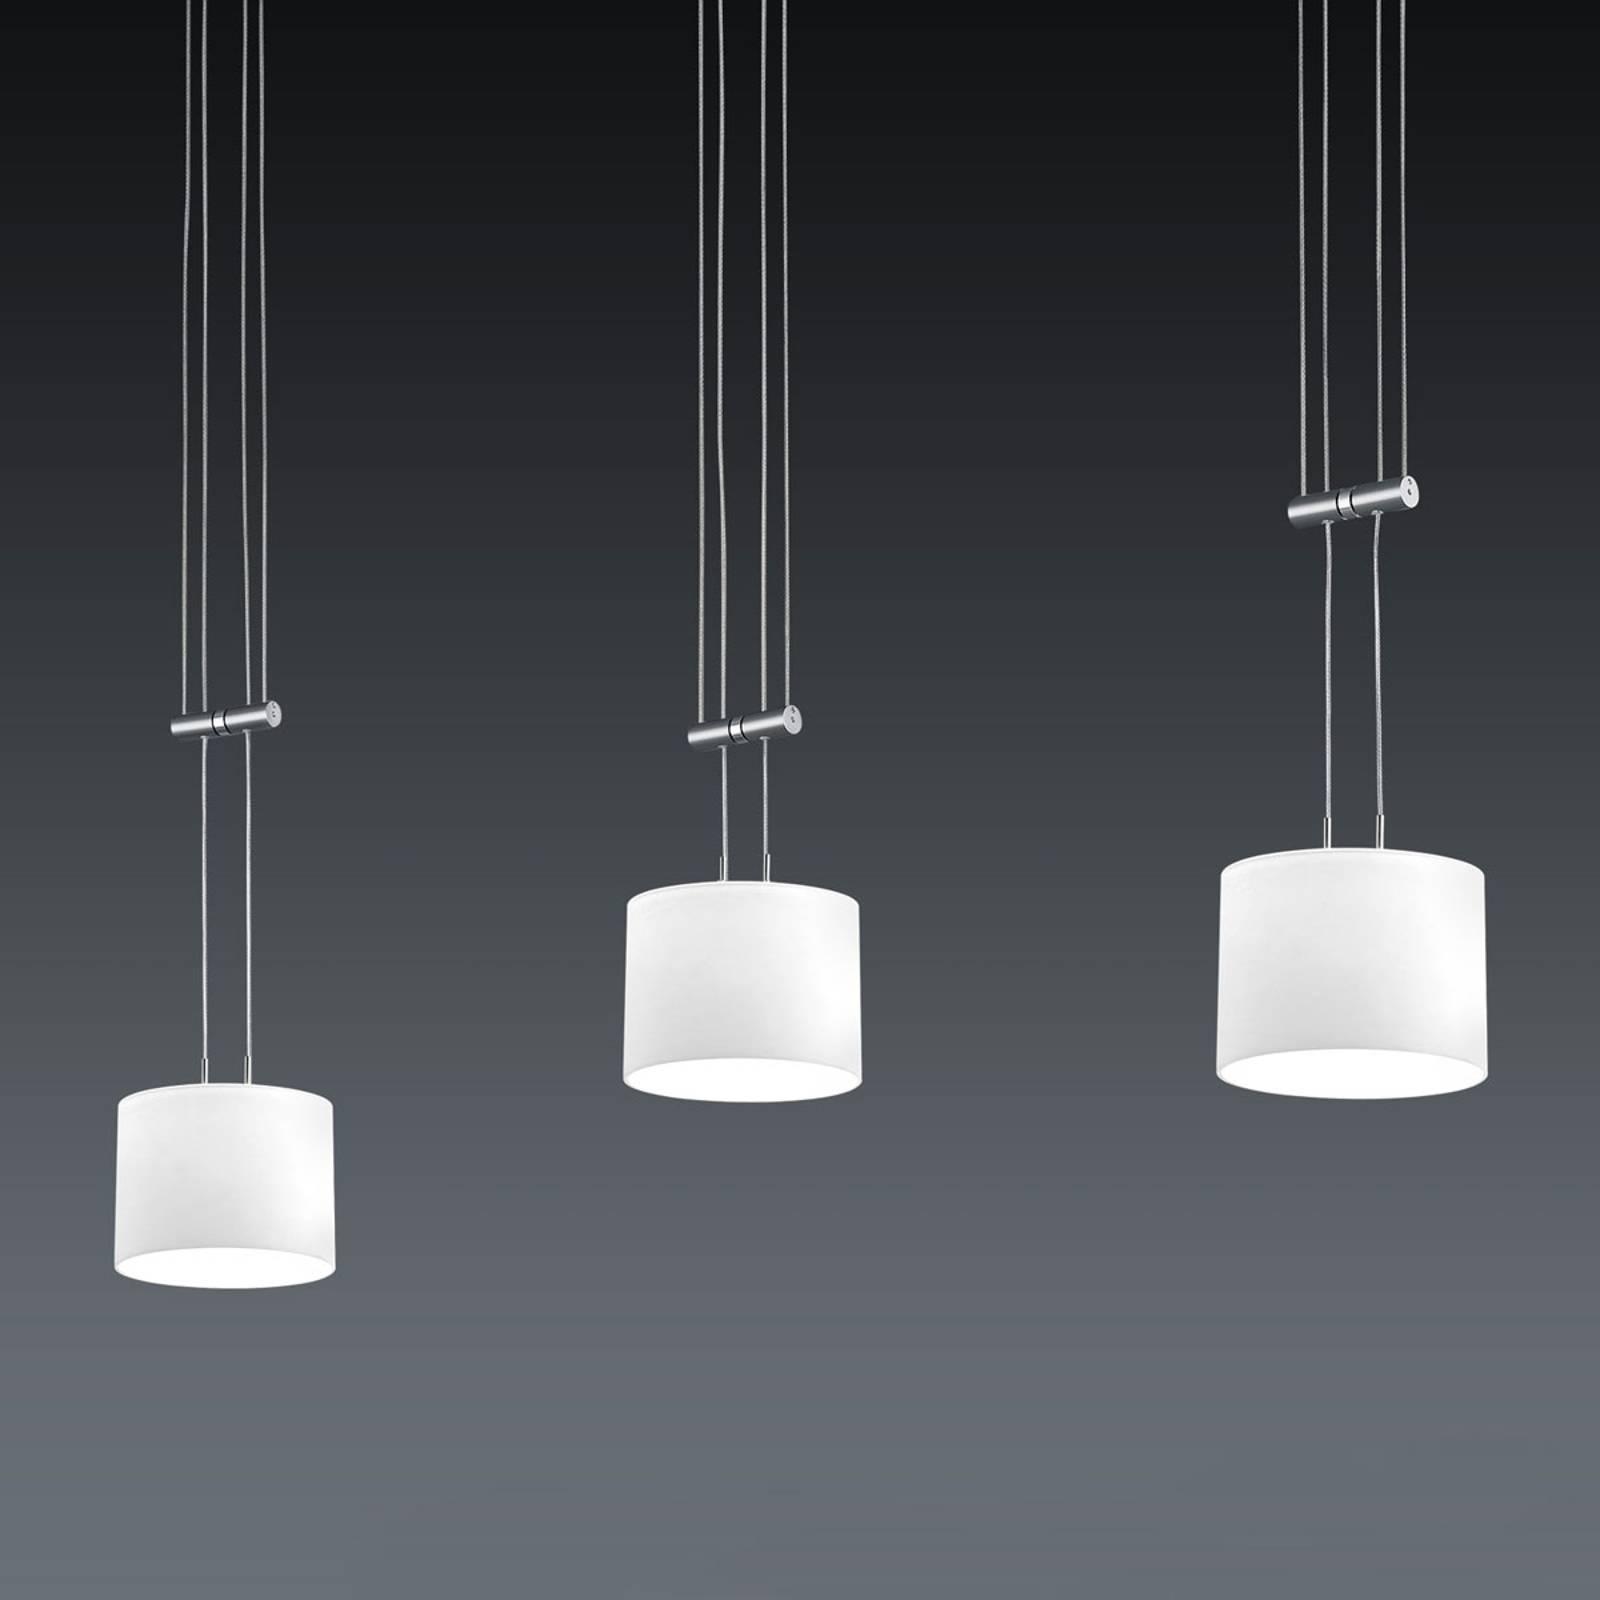 BANKAMP Grazia LED-hanglamp ZigBee voor 3-lamps